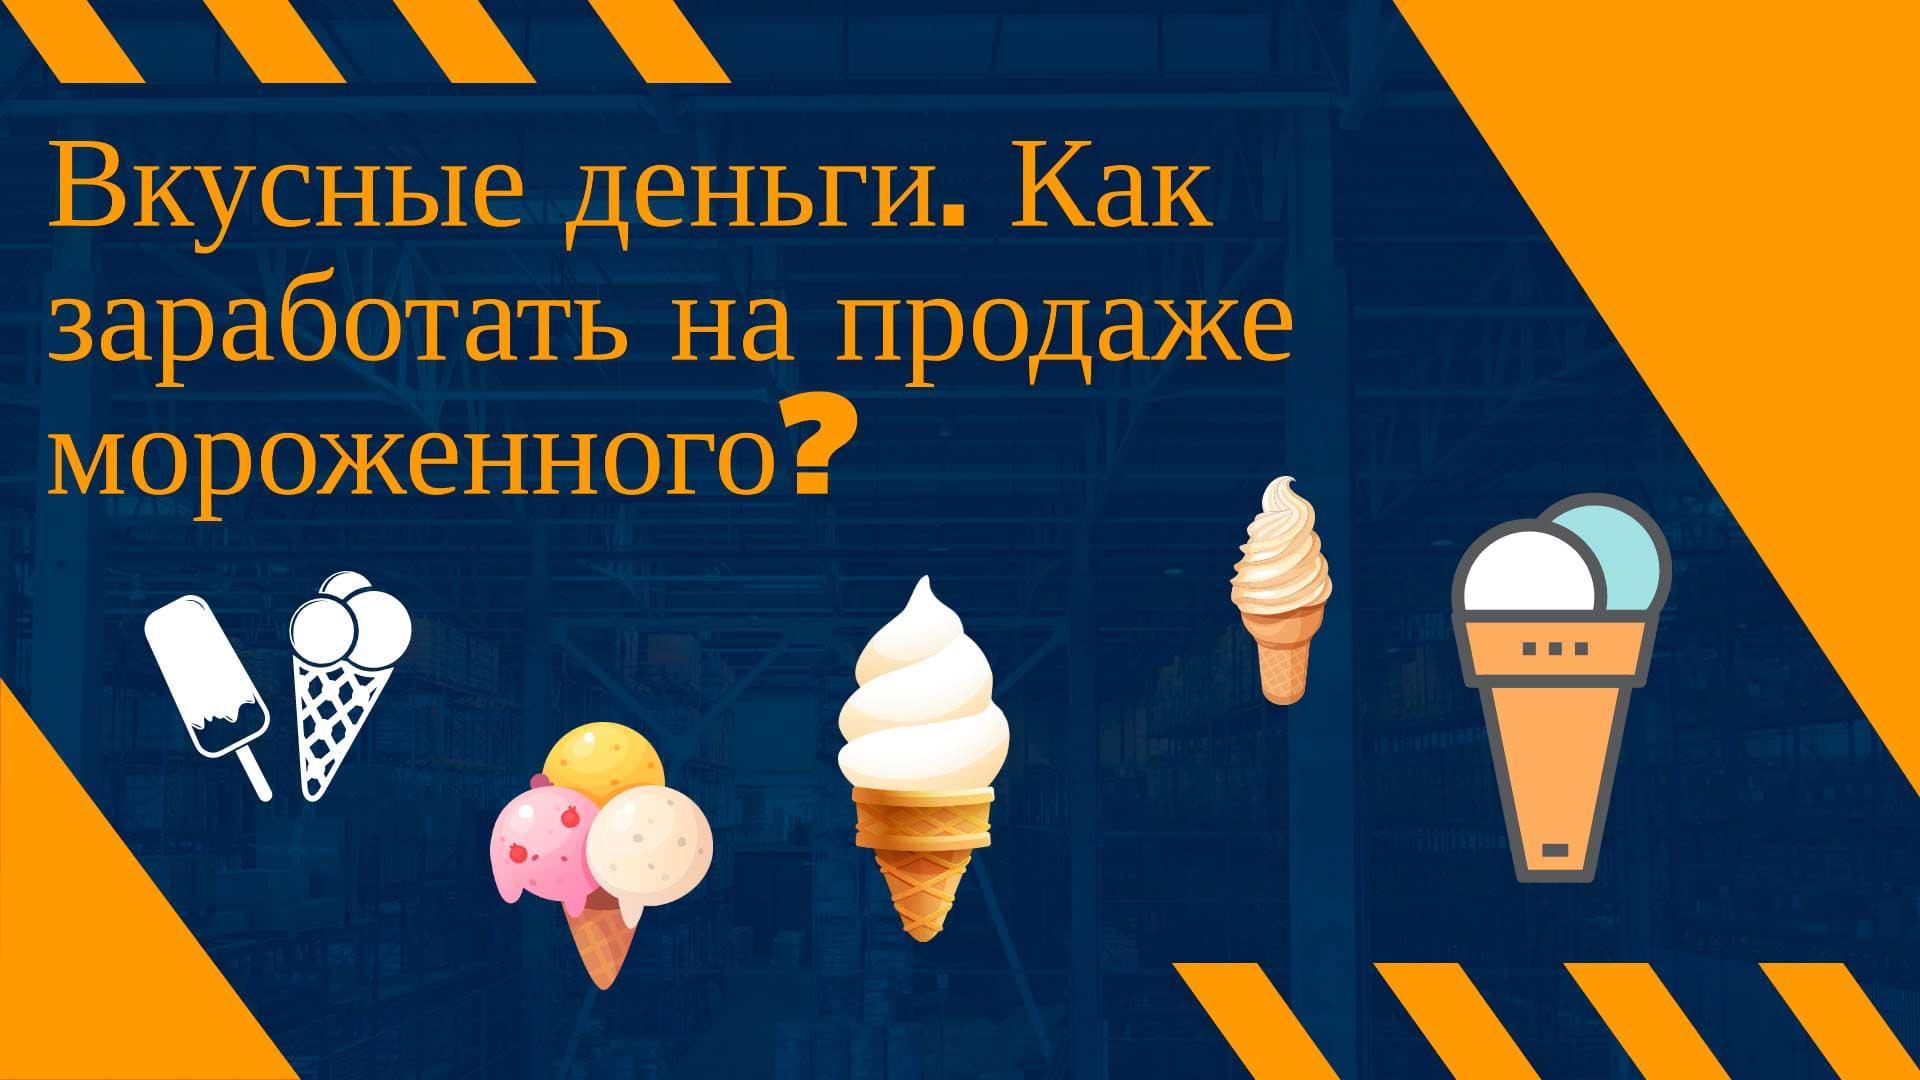 Вкусные деньги. Как заработать на продаже мороженного?